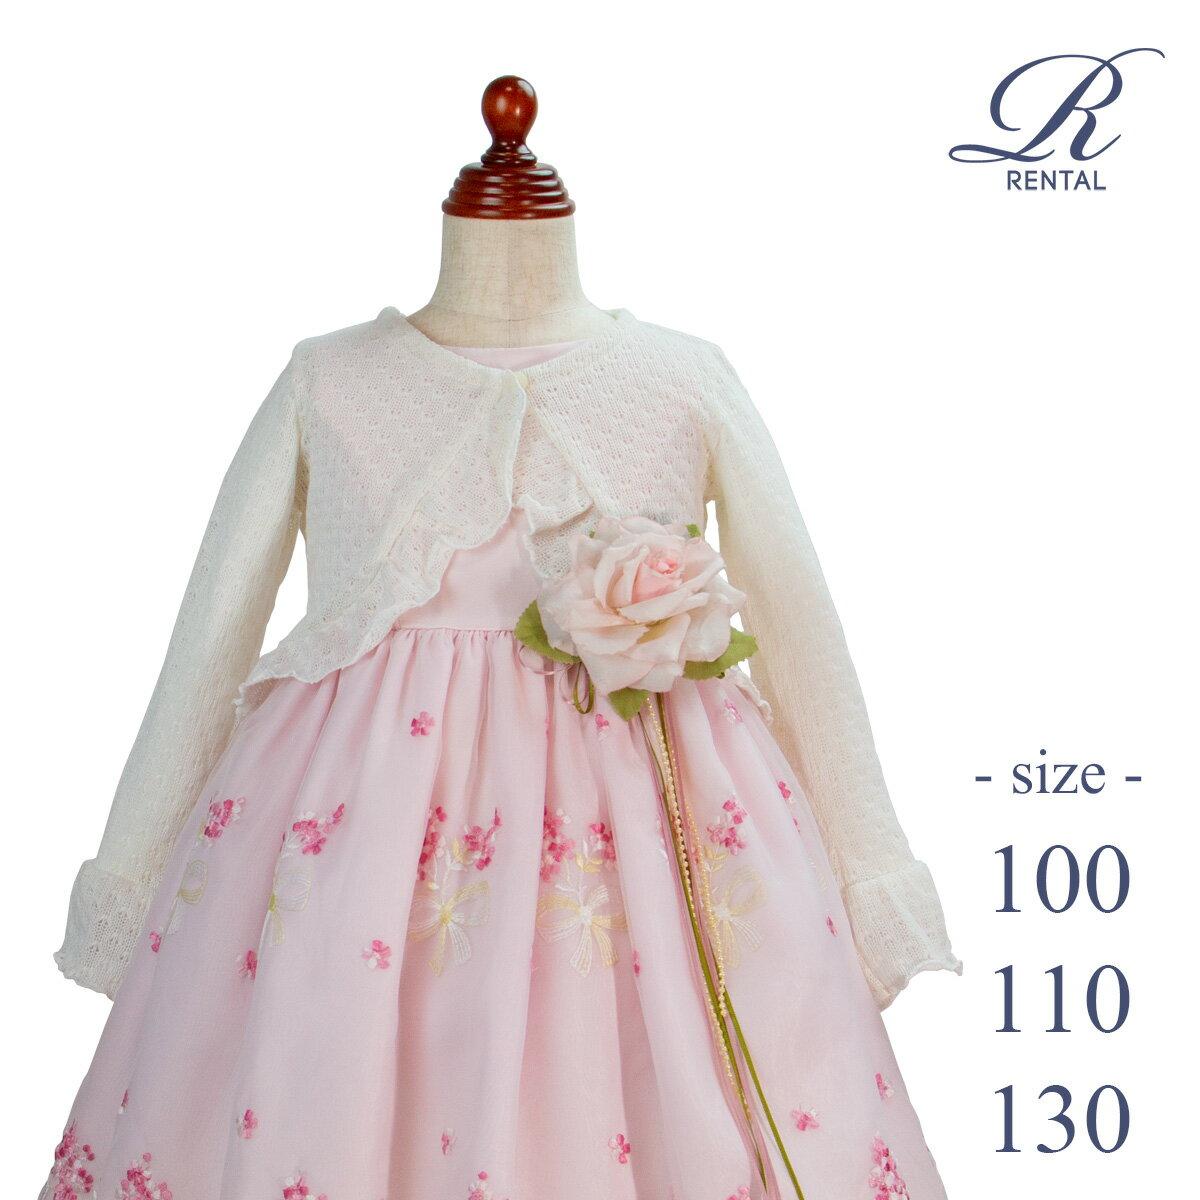 【レンタル/100 110 130 サイズ/v-26】長袖かぎ編みレース風ボレロ fy16REN07